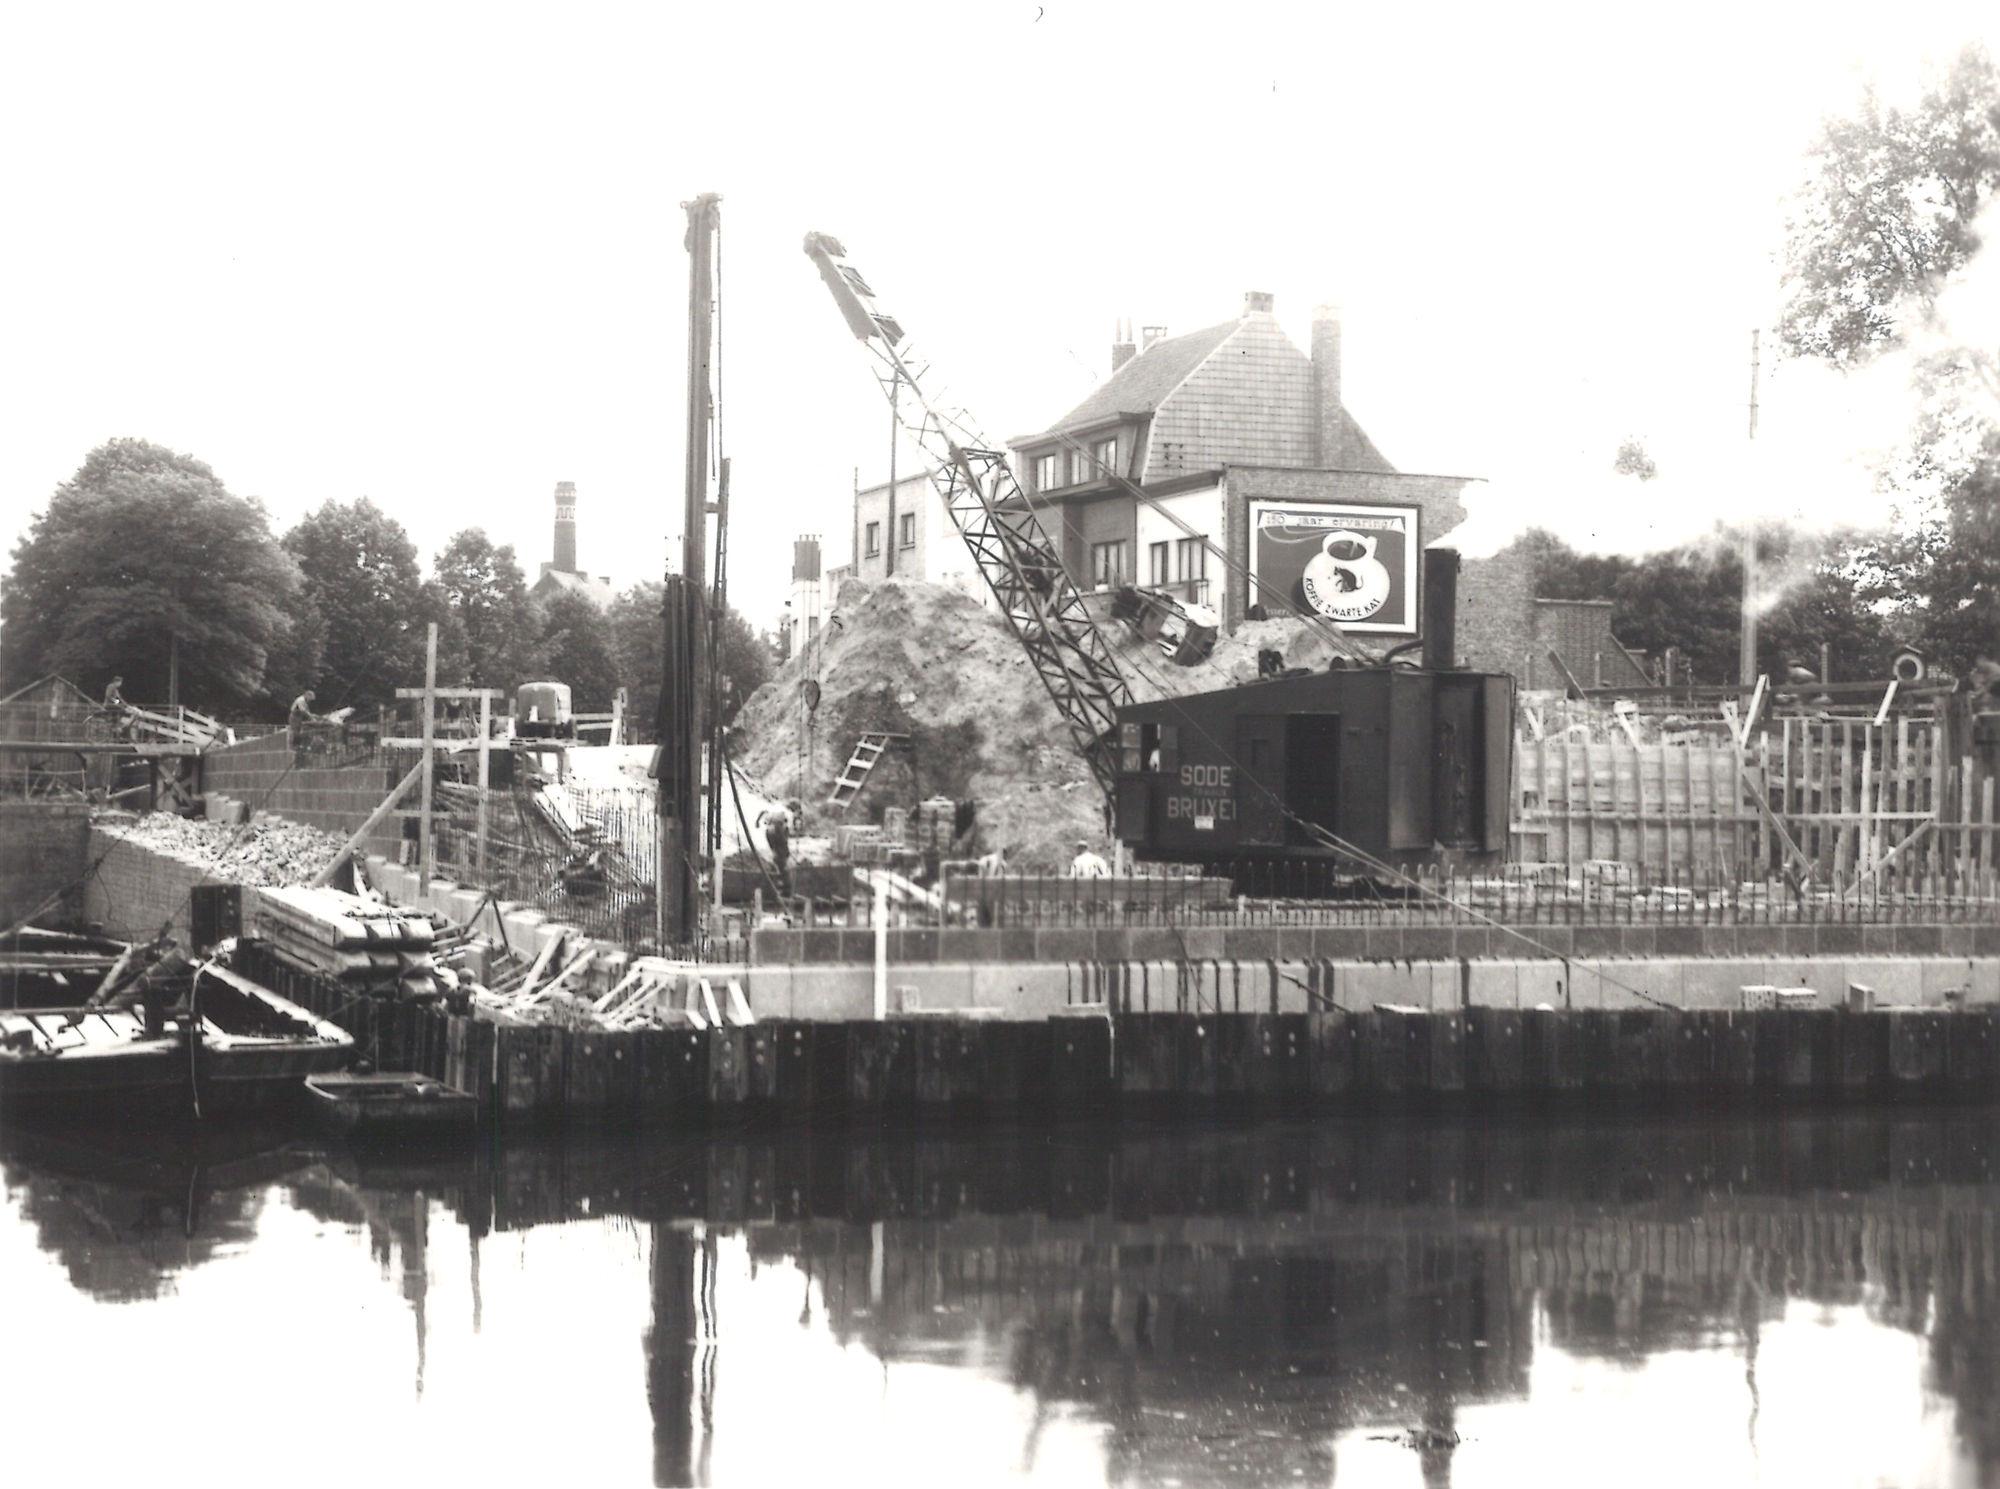 Groeningebrug 1955